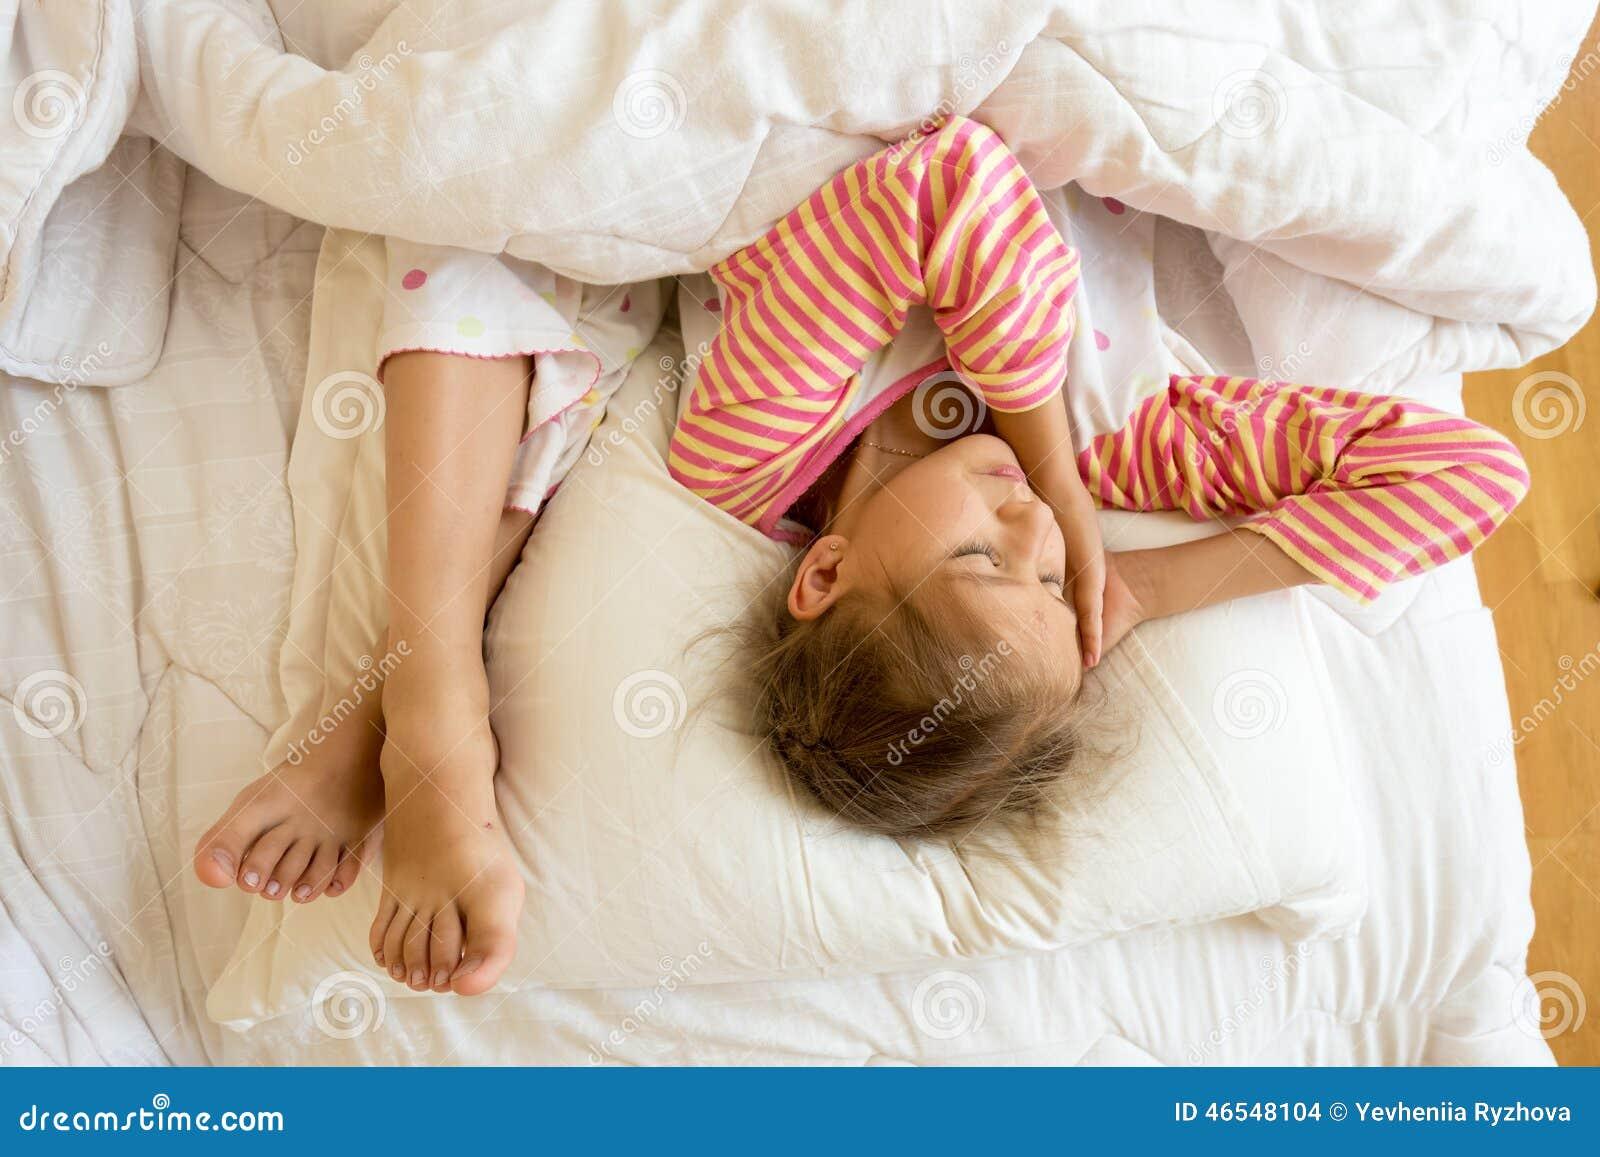 Стянул одеяло с сестры, Сводный брат забрался в постель к спящей сестре 25 фотография